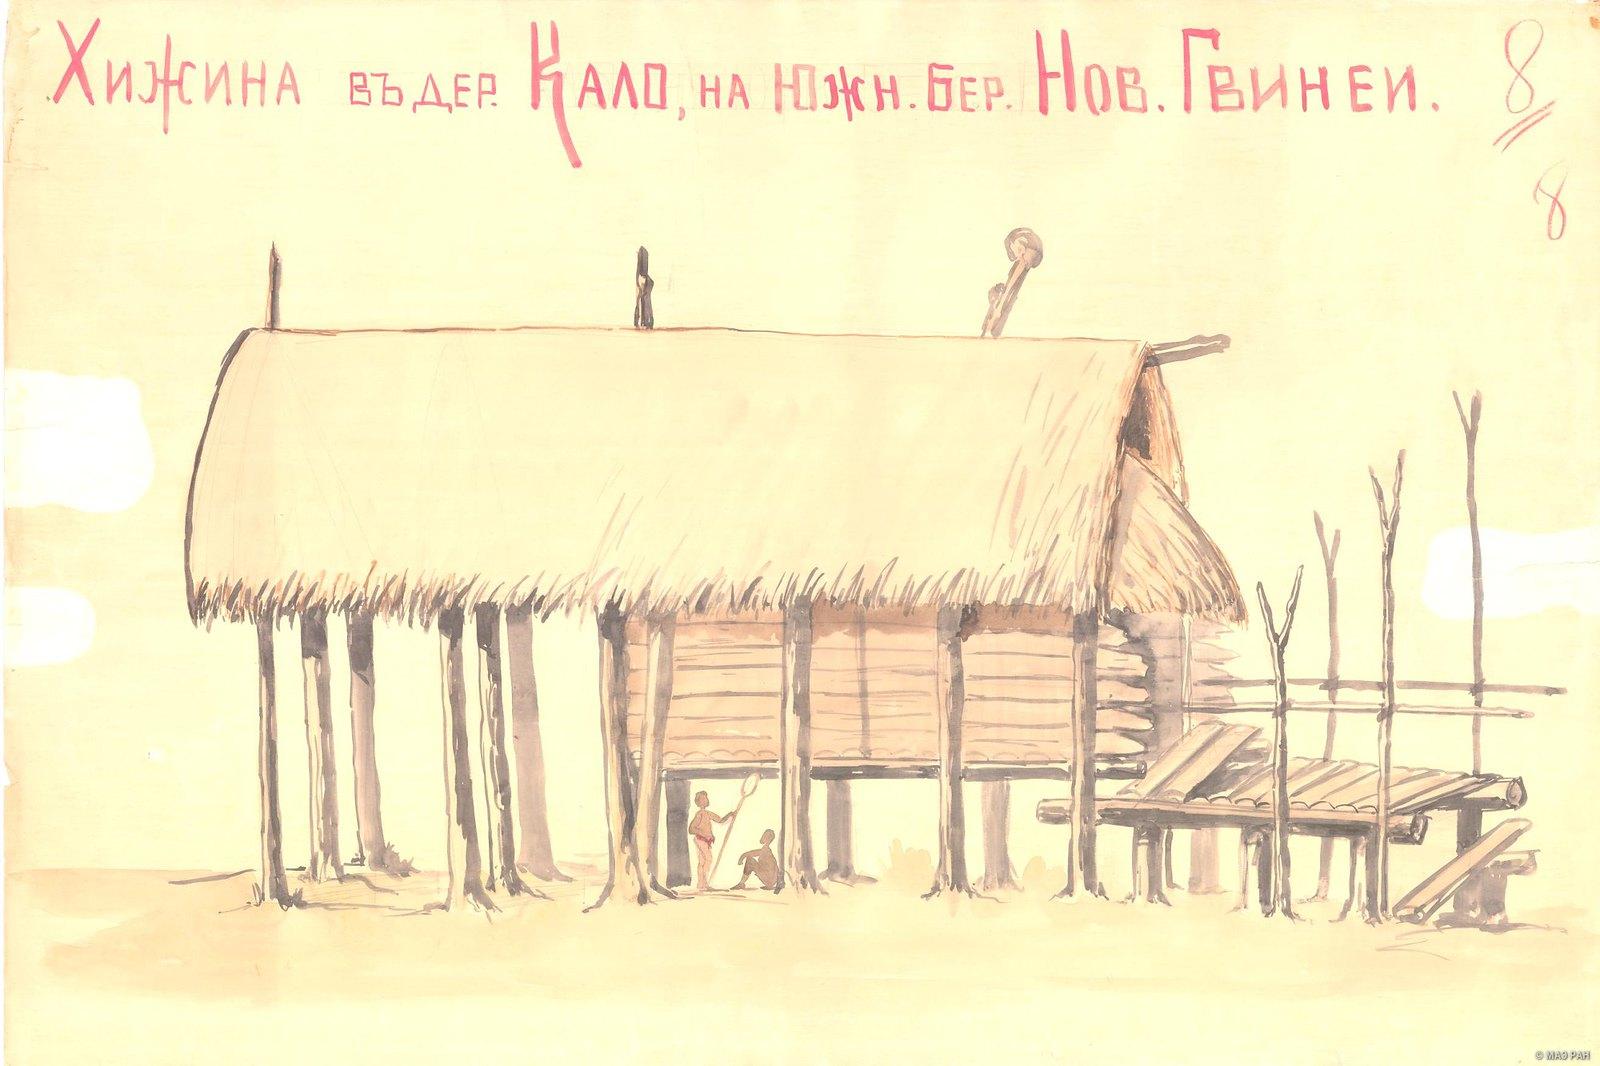 1880-е. Хижина в деревне Кало. Папуасы Новой Гвинеи